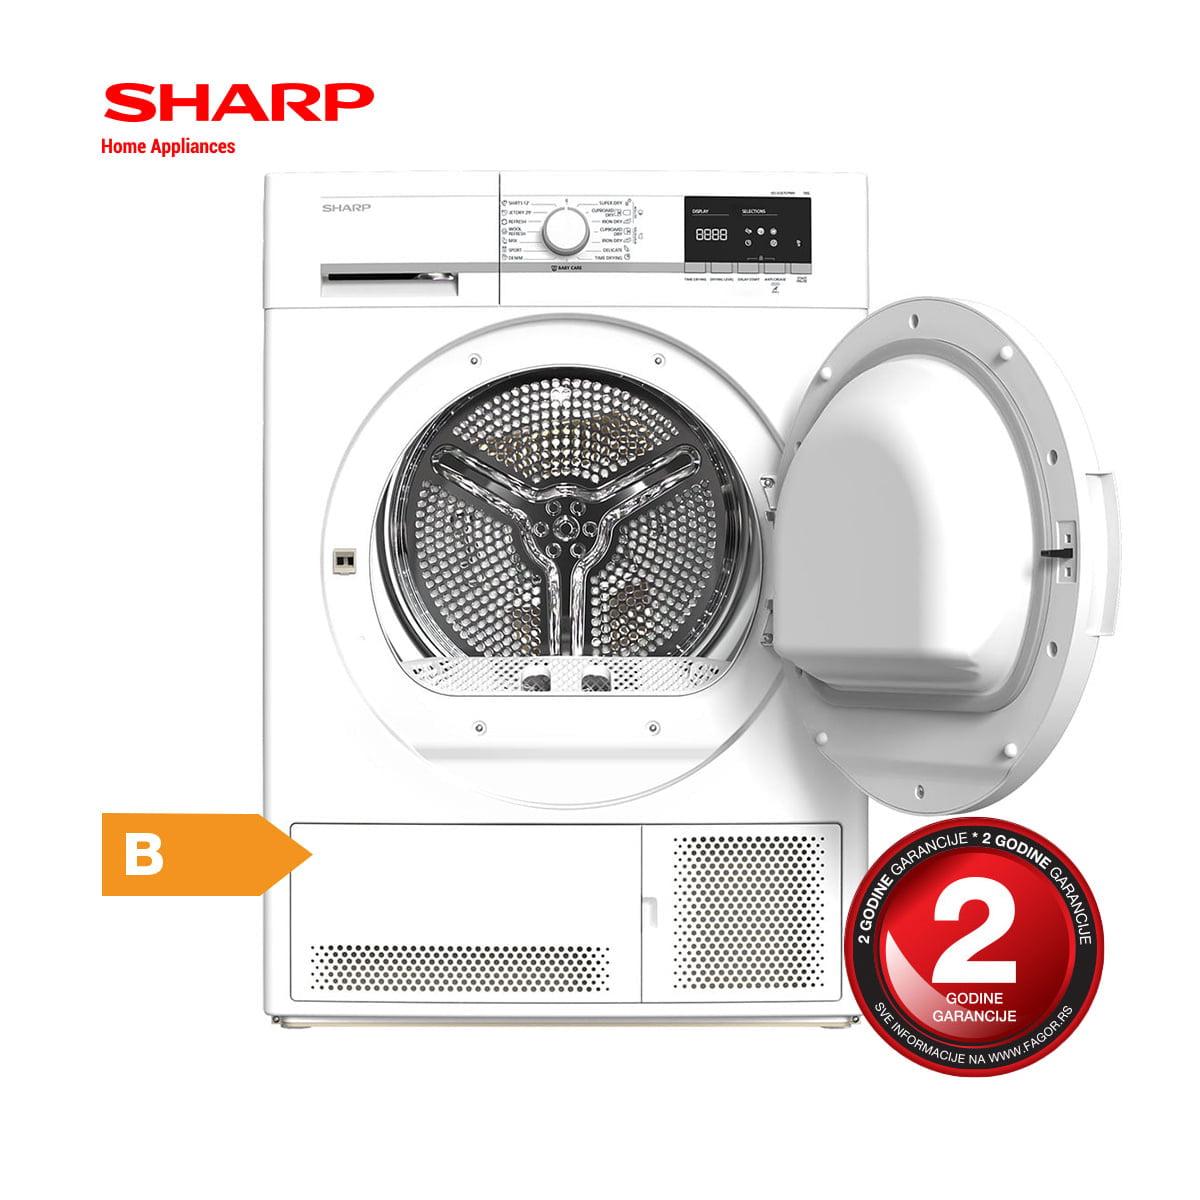 Mašina za sušenje veša 7kg – SHARP KD-GCB7S7PW9 otvoren 1